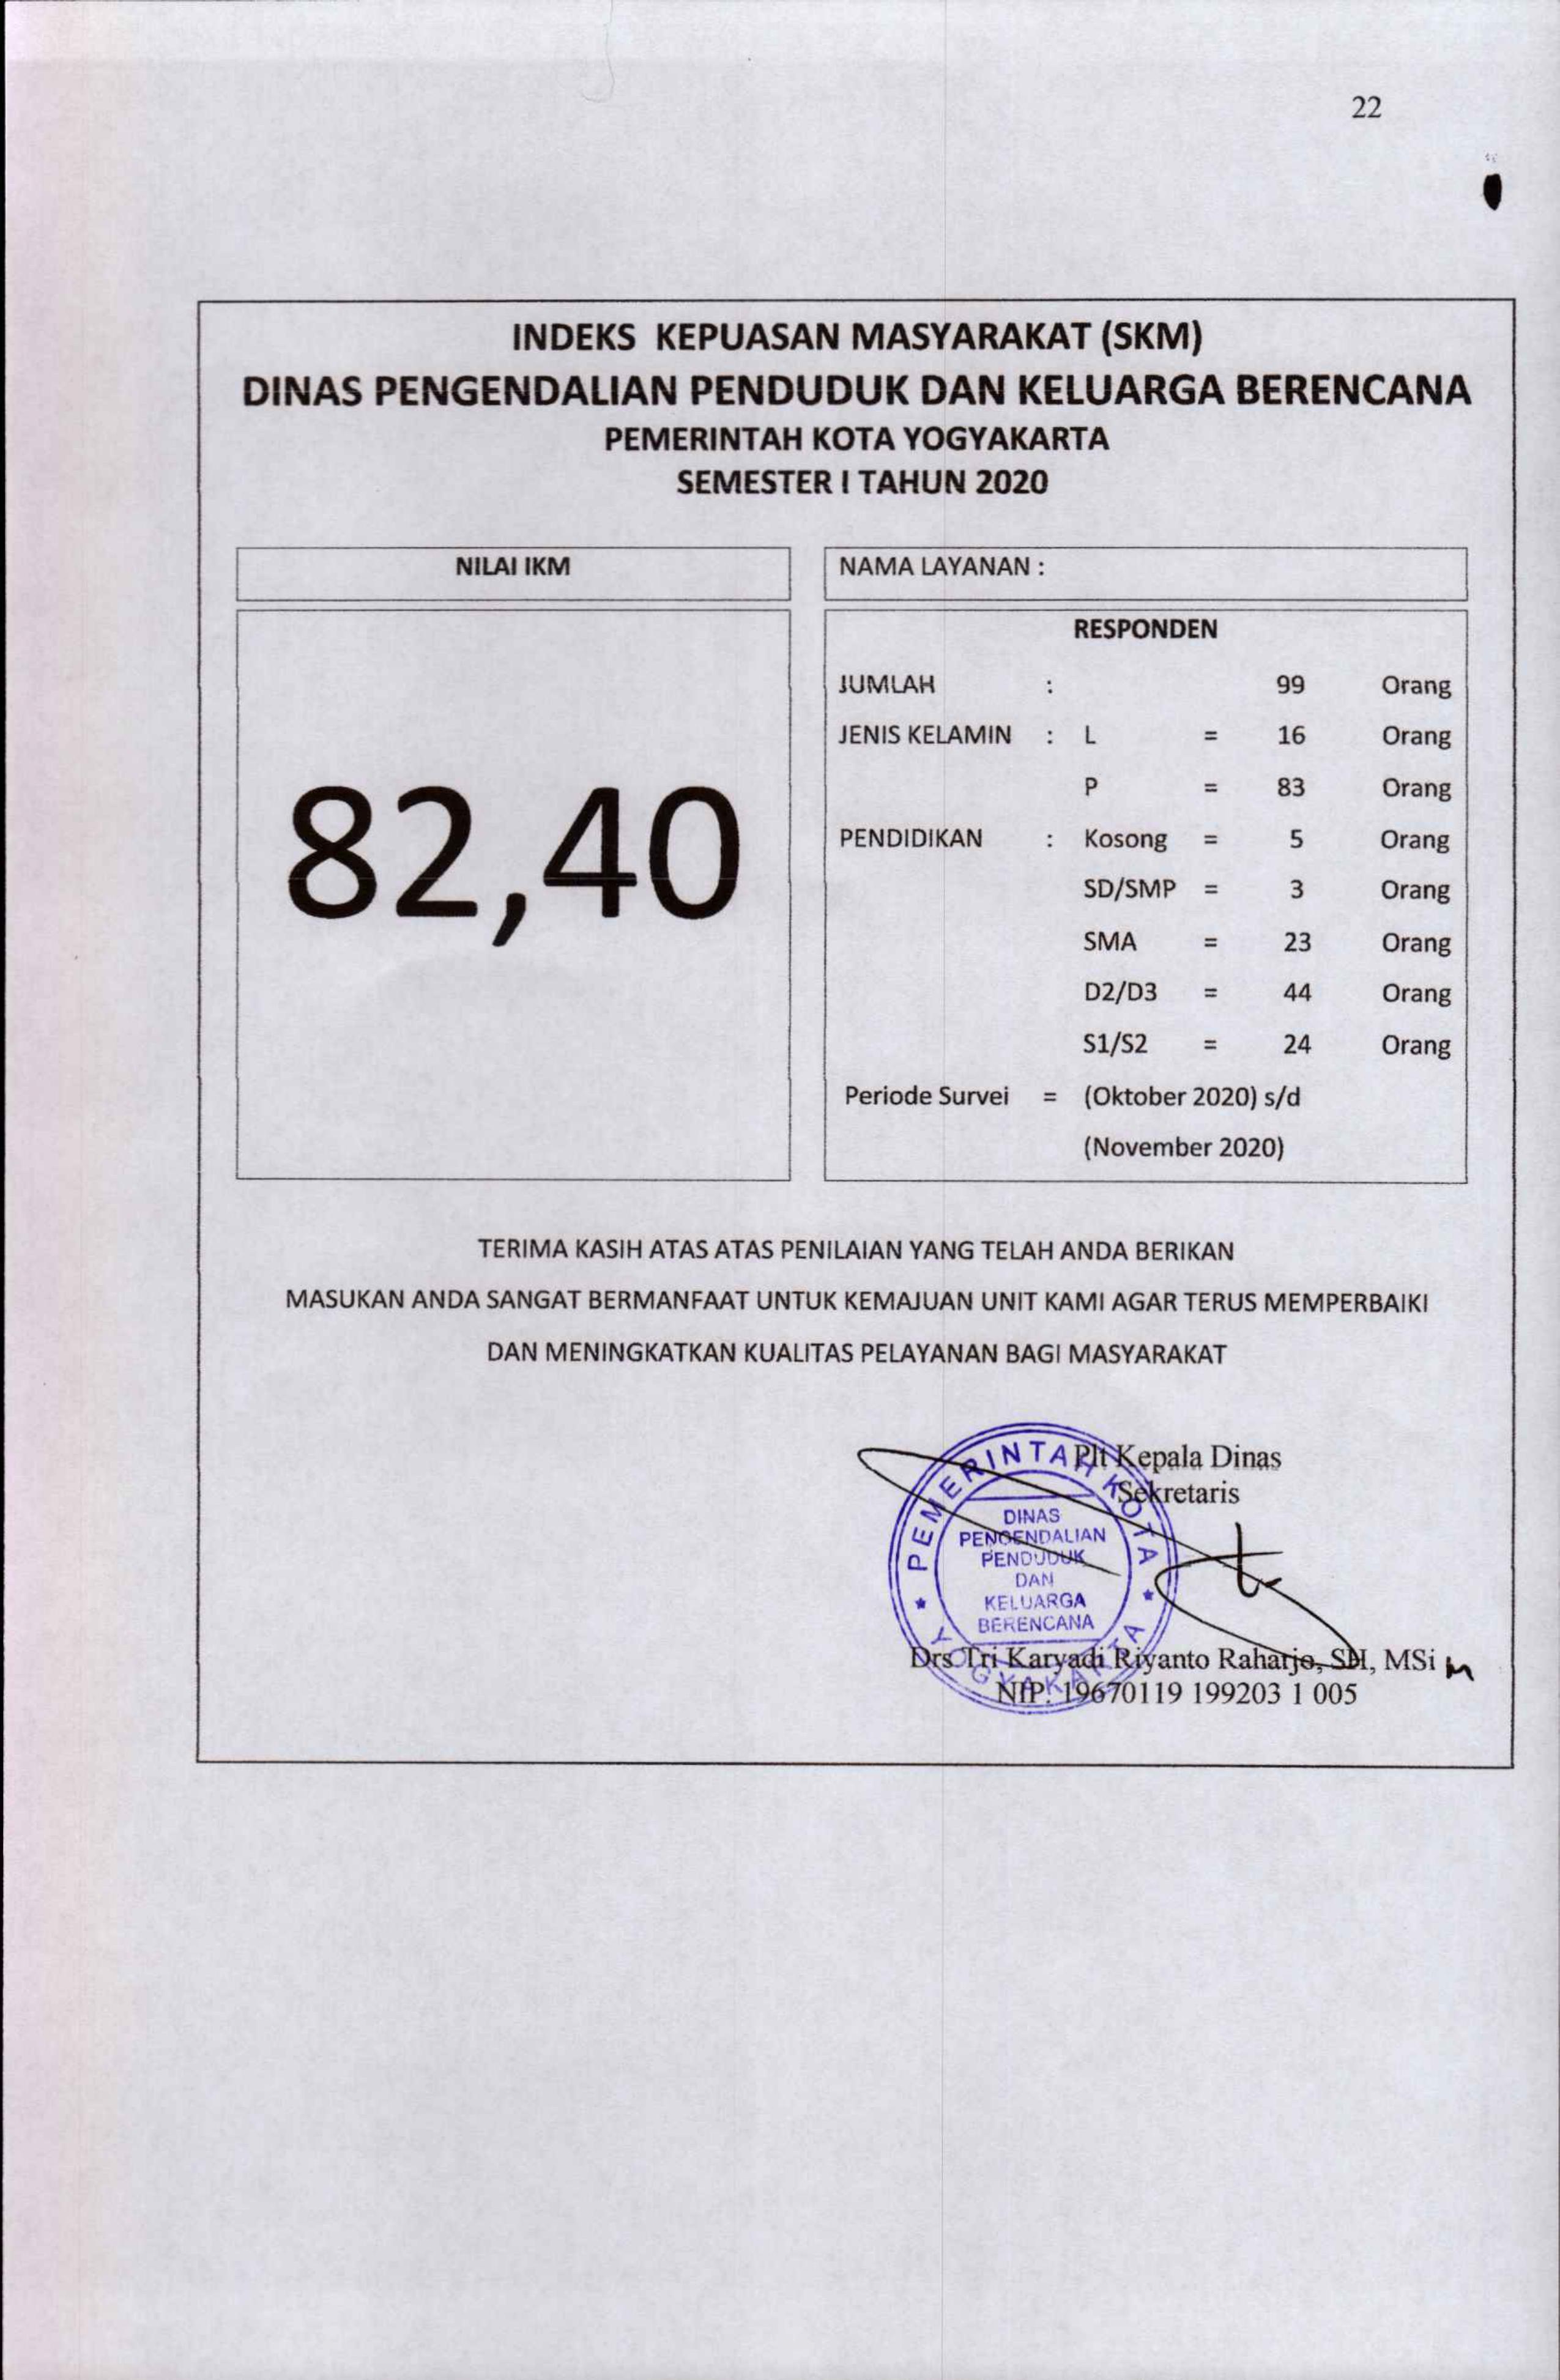 Indeks Kepuasan Masyarakat Semester II Tahun 2020 DPPKB Kota Yogyakarta